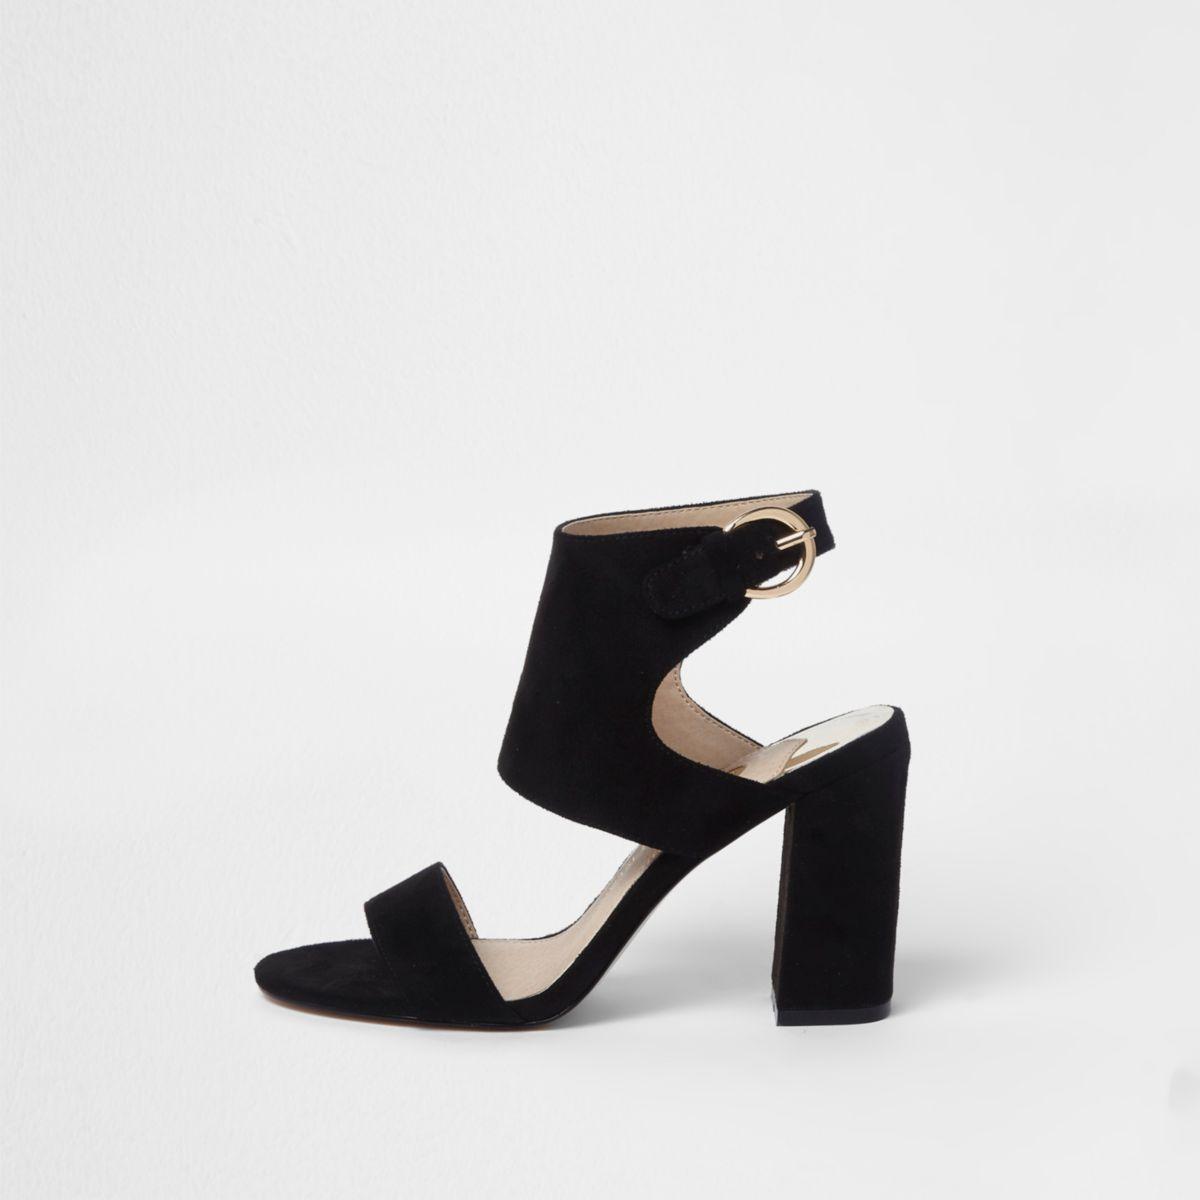 Sandales noires à talon carré